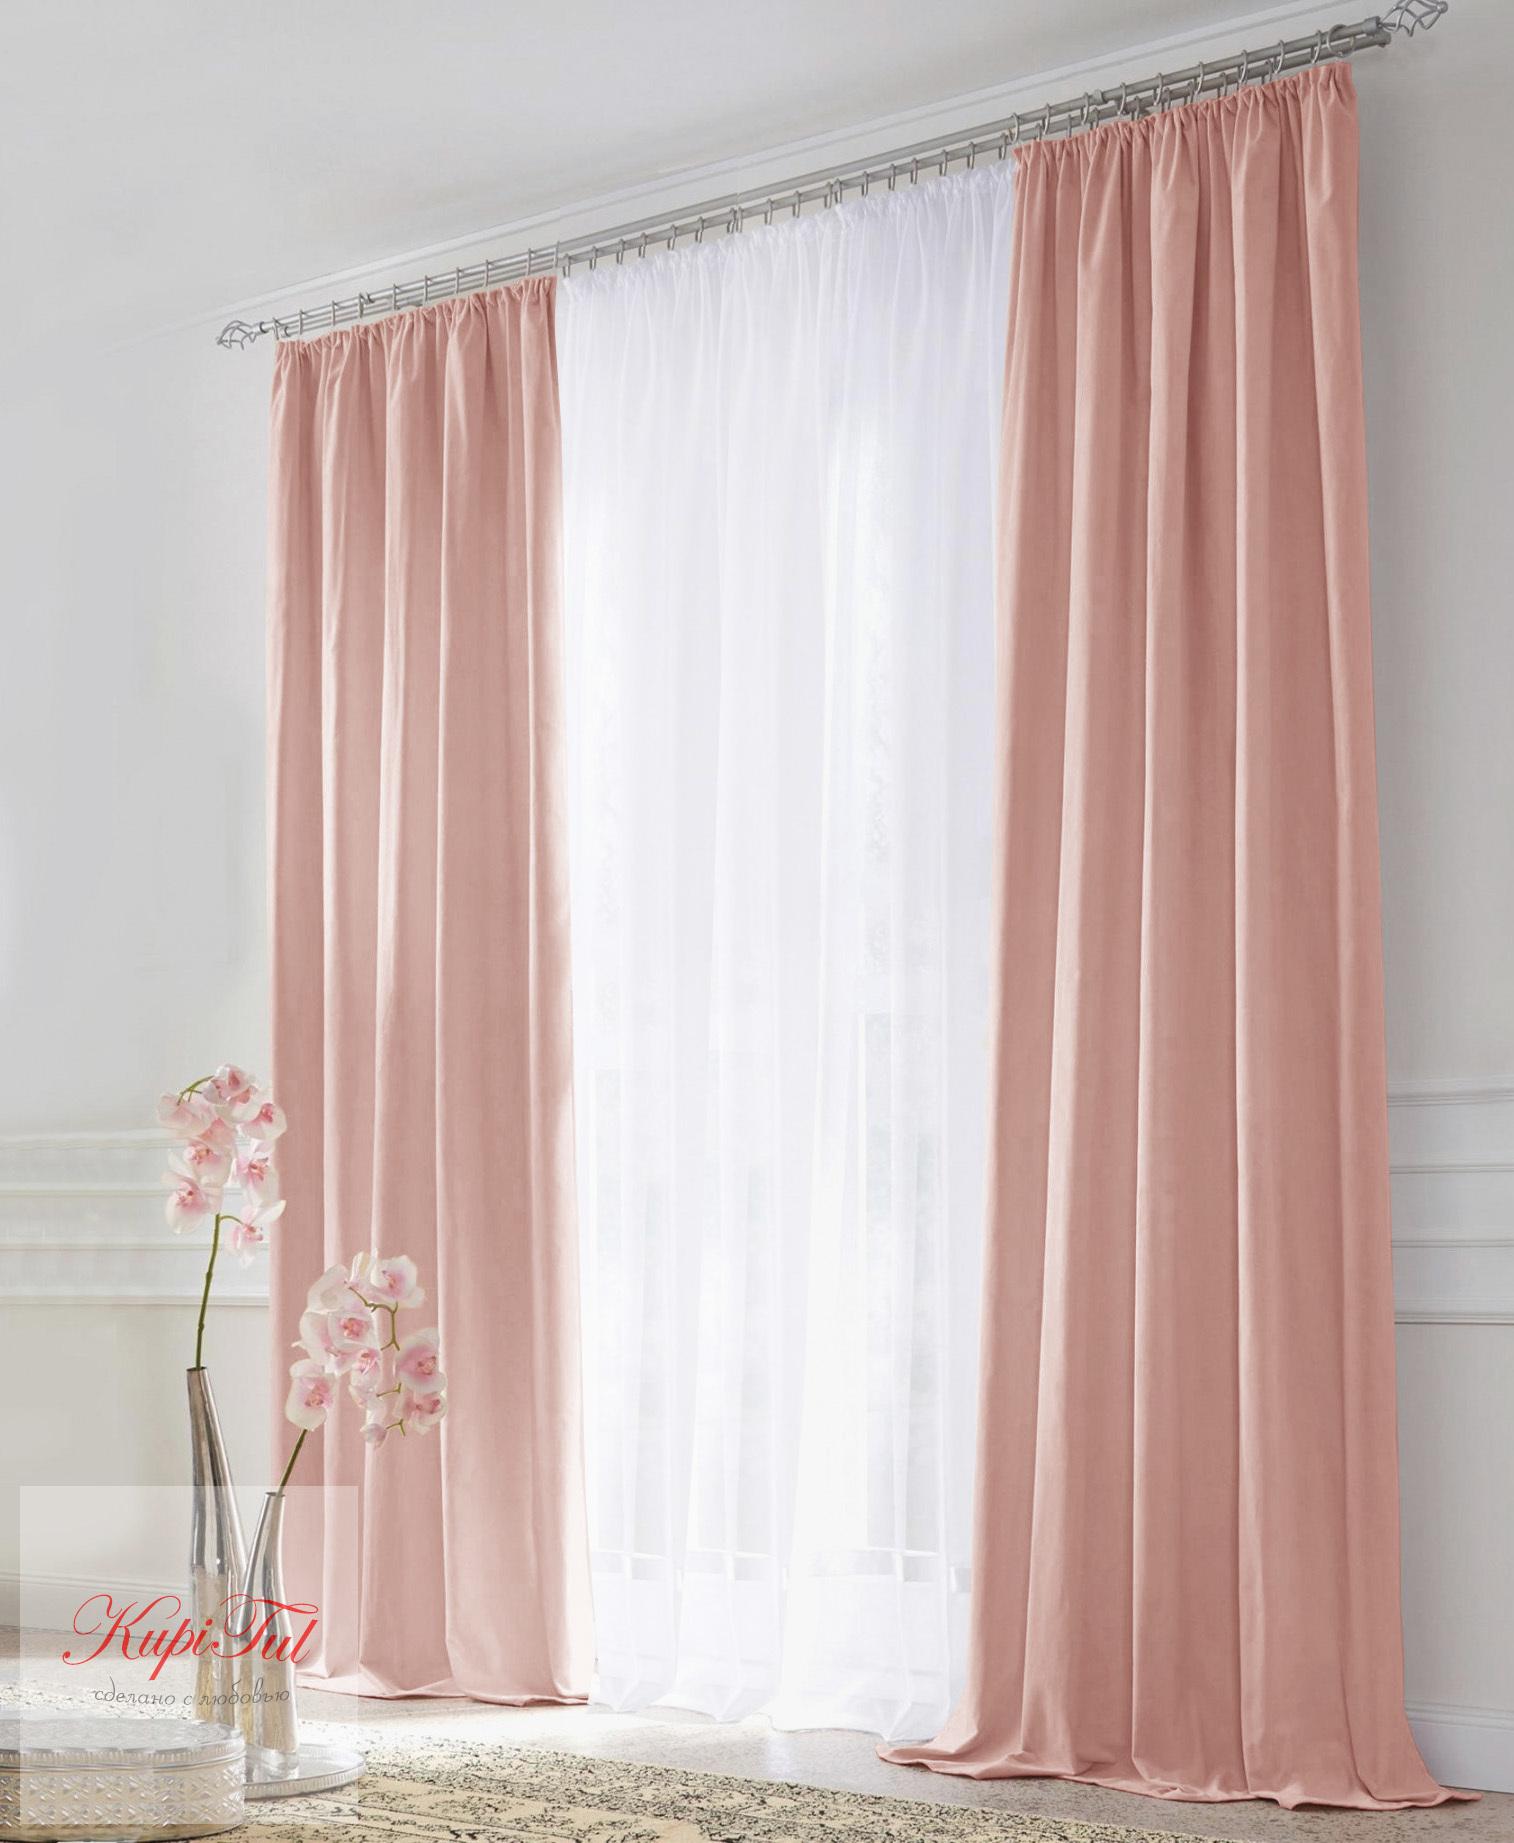 Комплект штор блэкаут (розовый) и вуаль (белый).